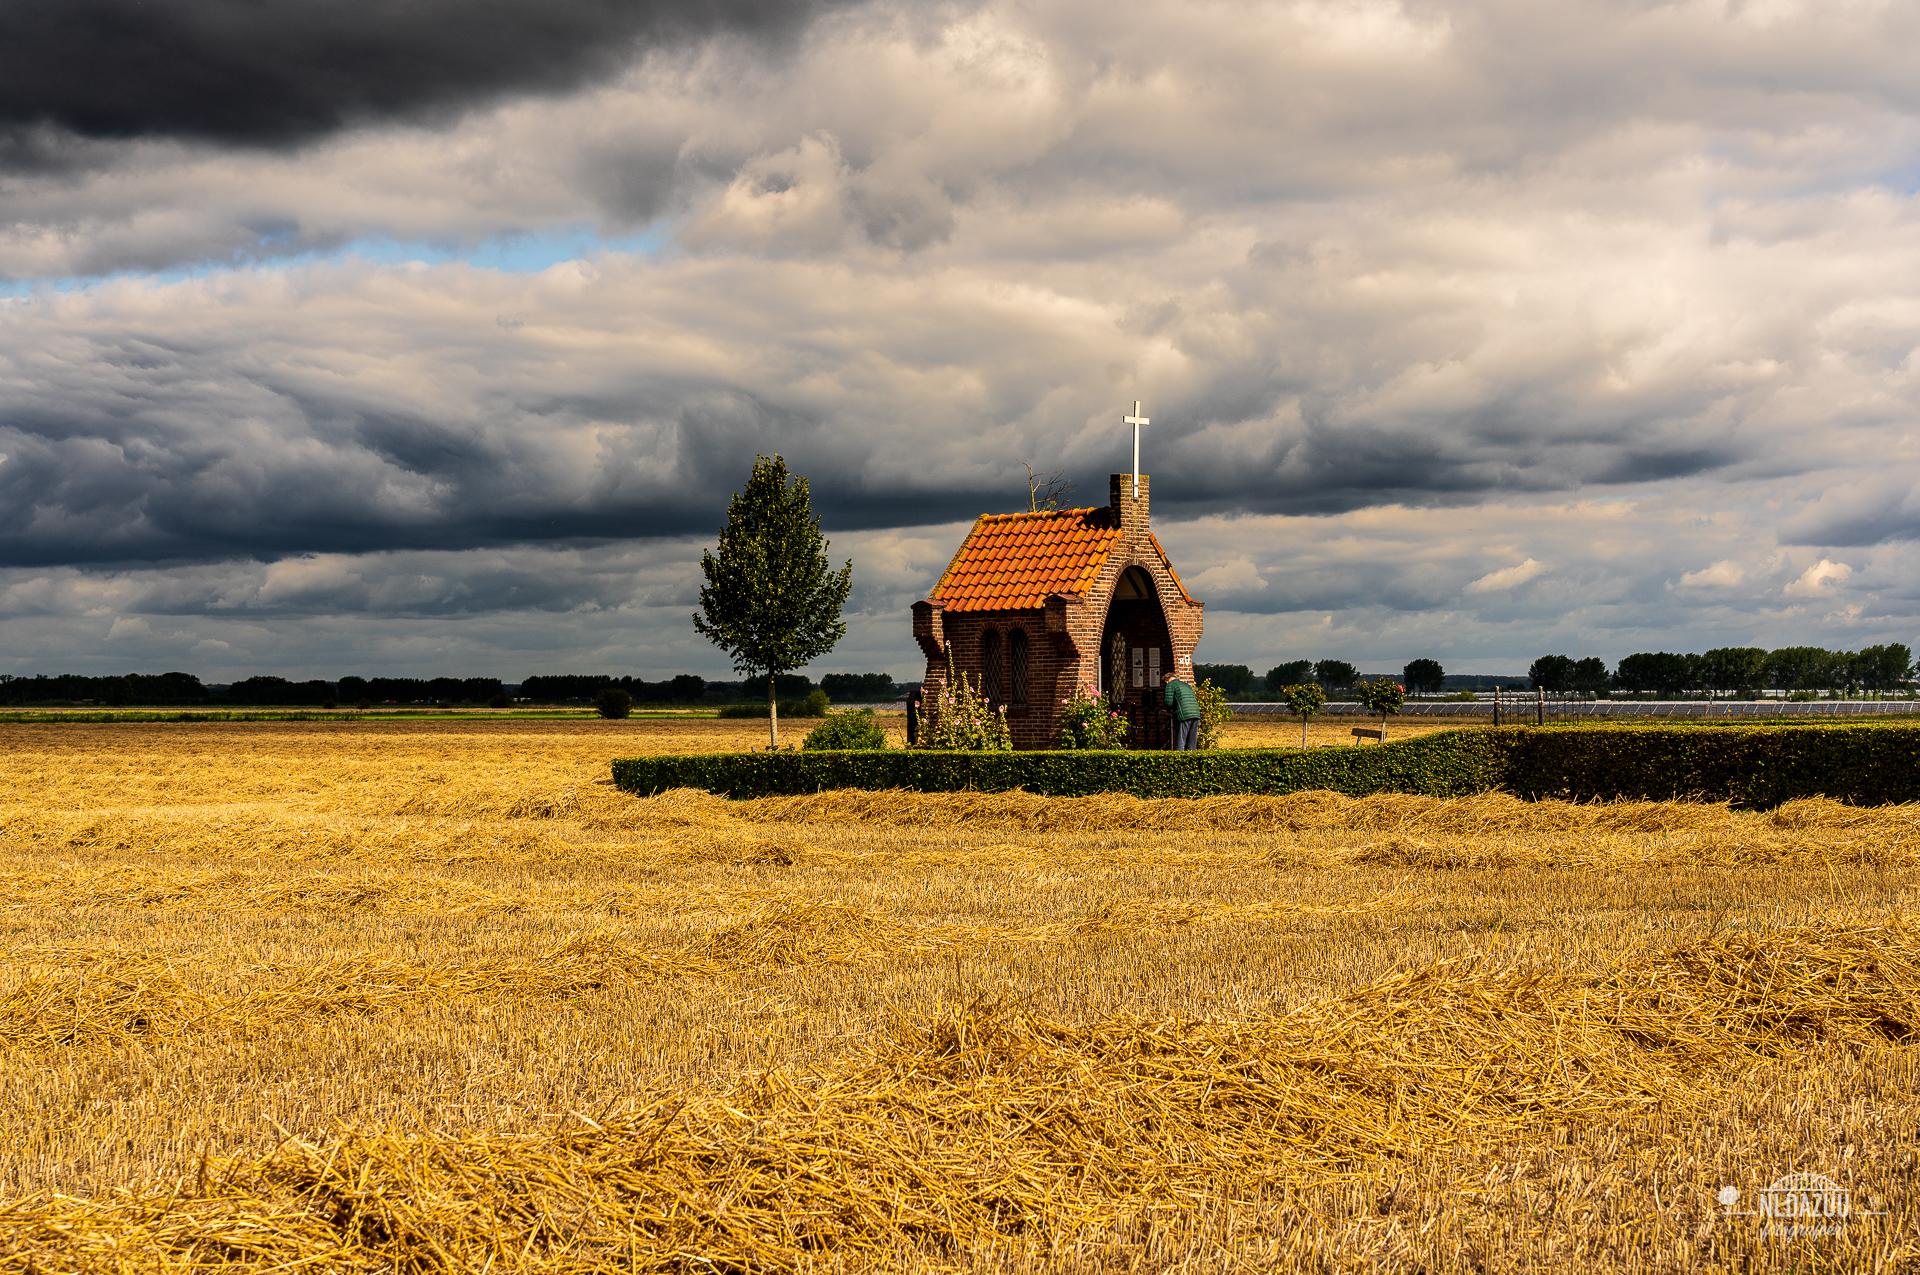 Lijnen in het graanveld